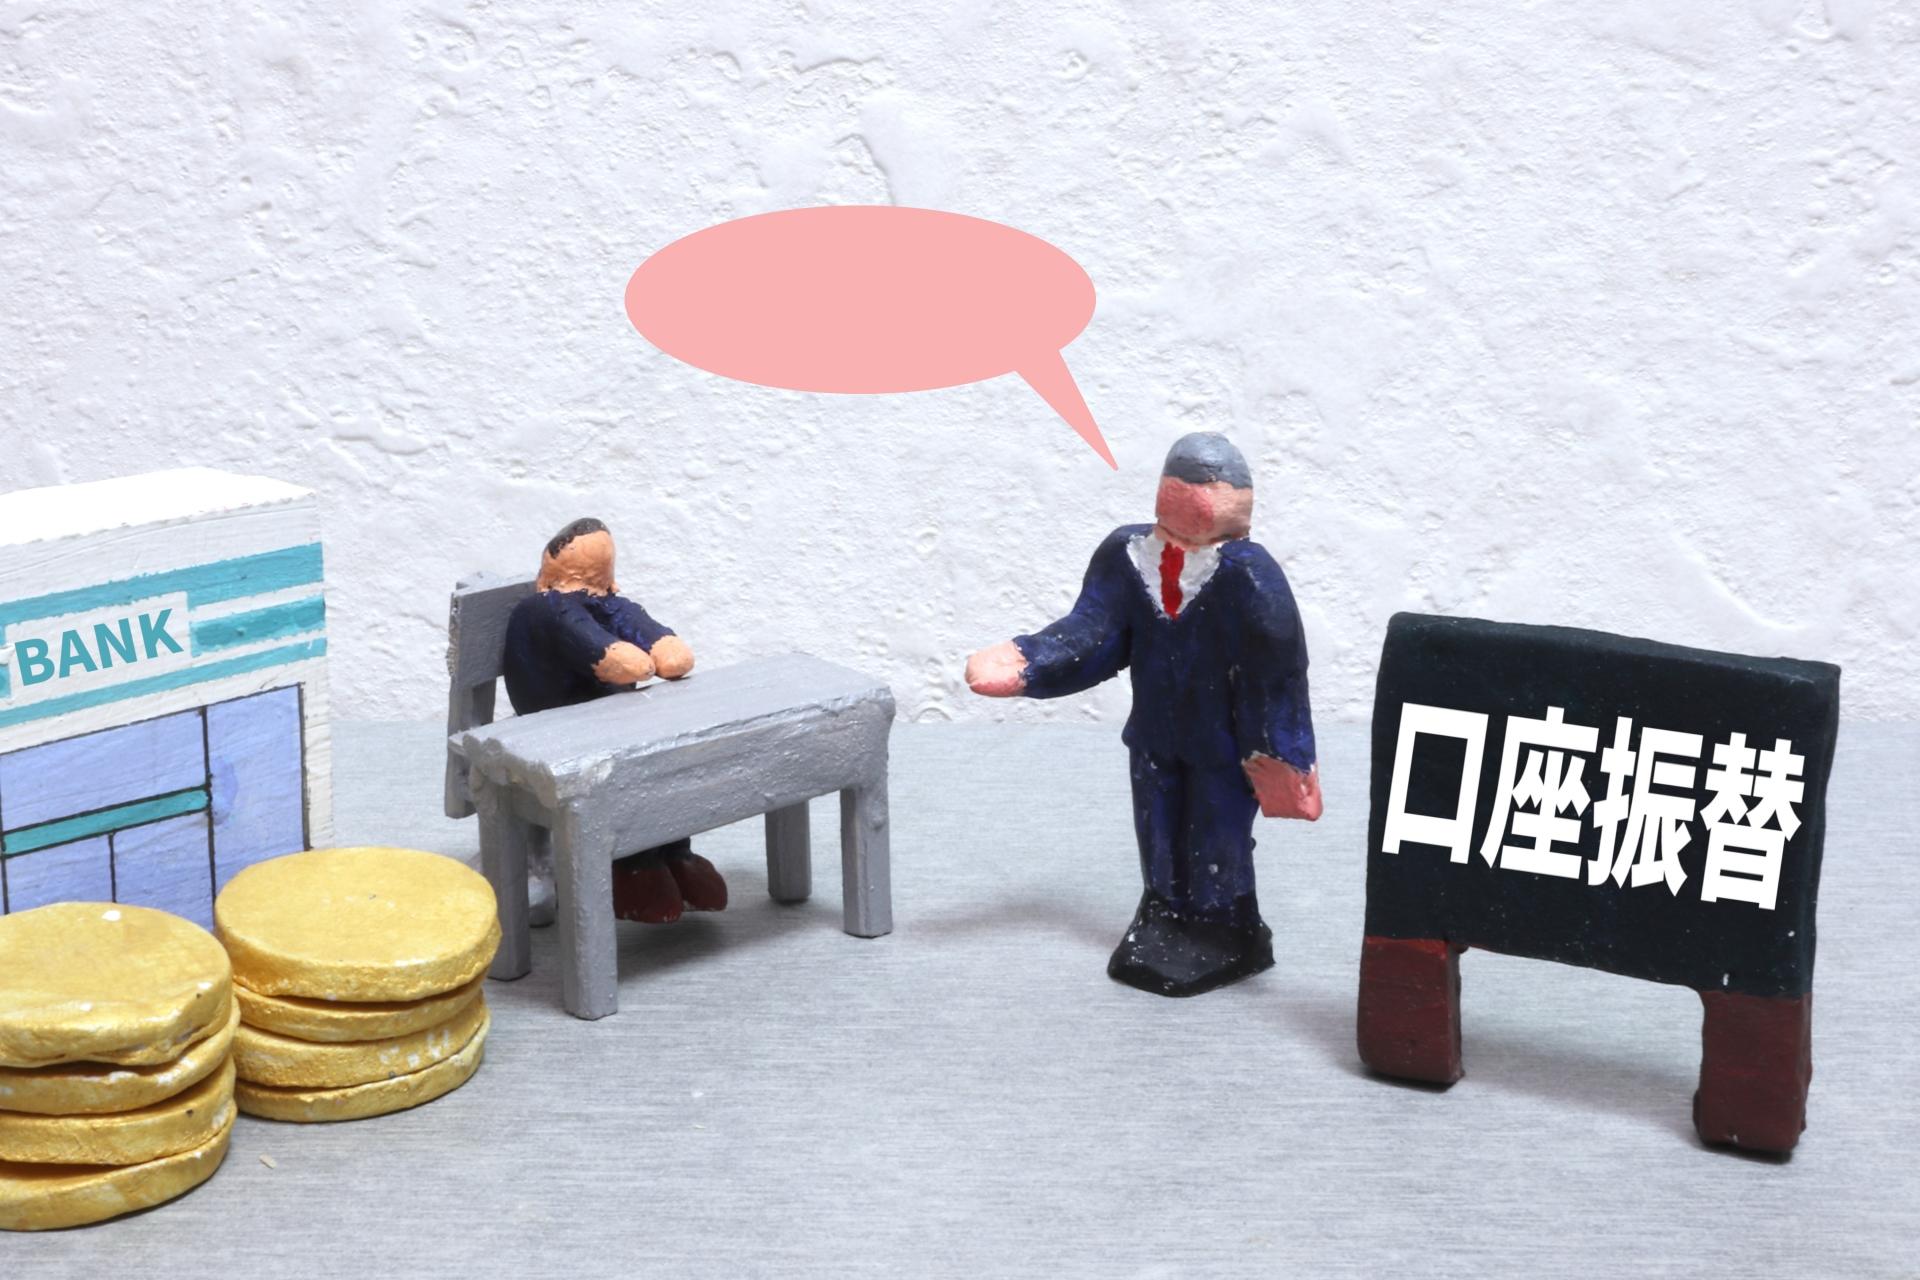 顧客企業からの料金回収を「口座振替」にする方法とは? 知っておきたい基本と注意点